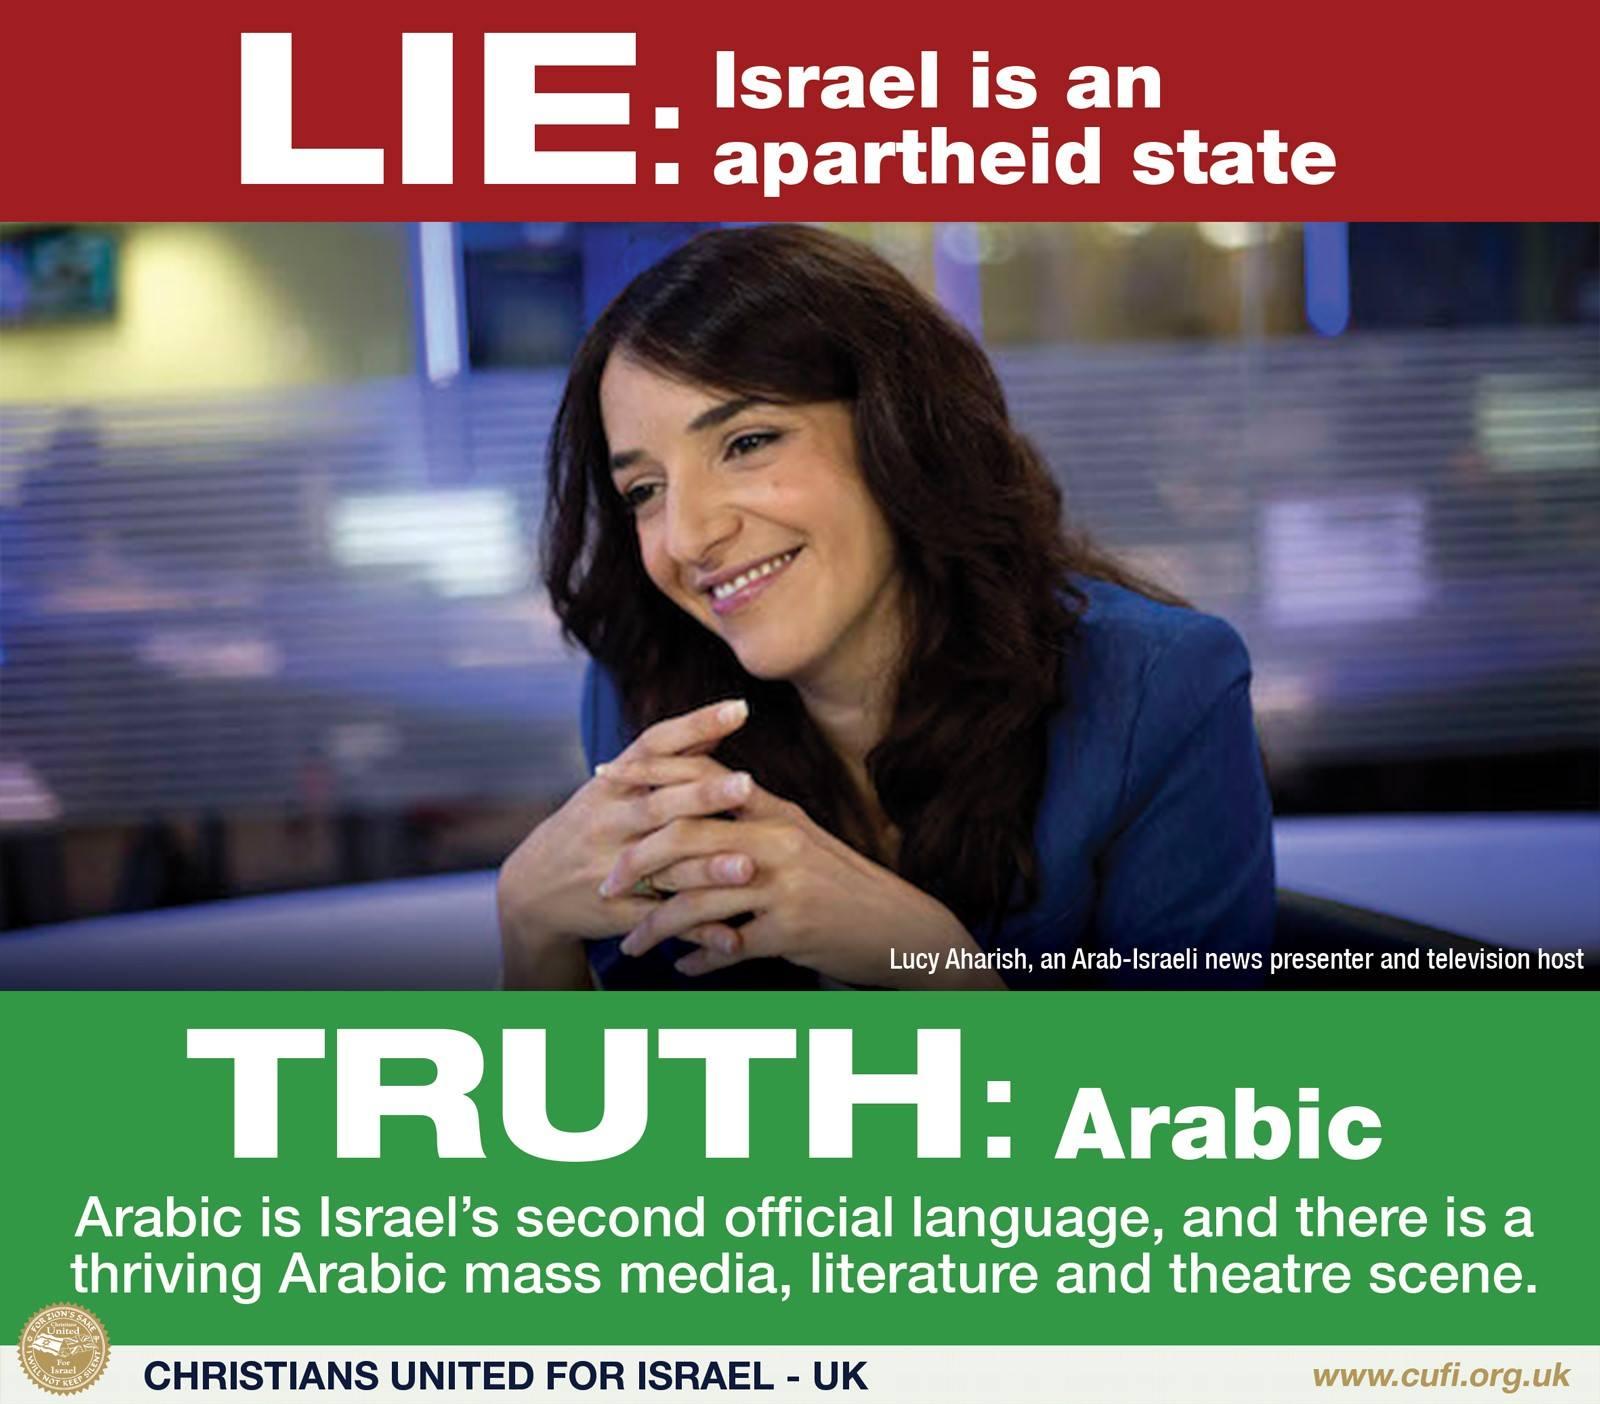 Israel is not apartheid 5